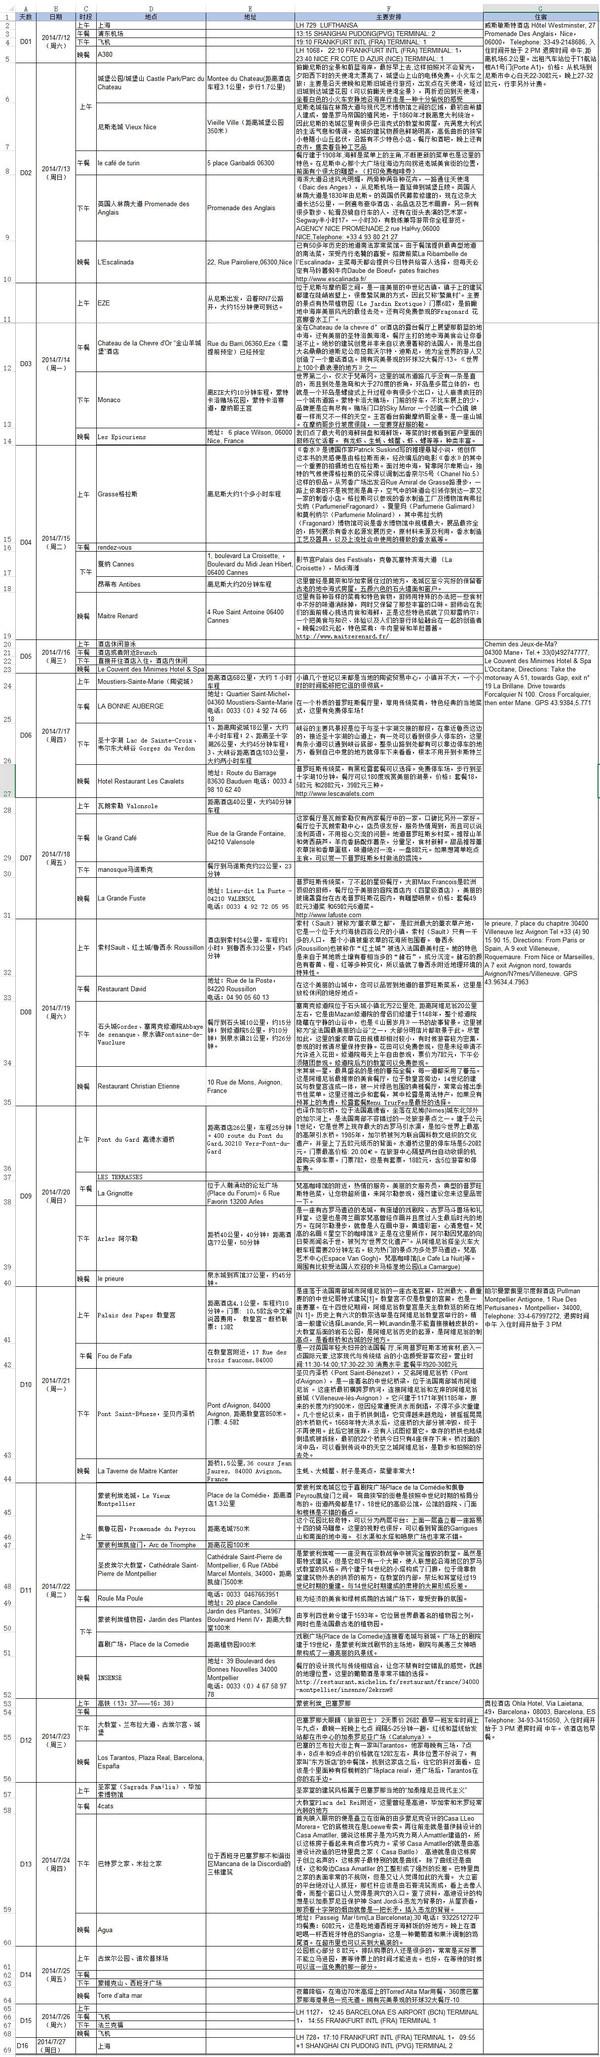 44f1e3385f77 我把整个行程策划的exel表格截图发在下面,有心的蜂友可以点击,打开原图看到清晰的整个表格大图。策划的行程如下: